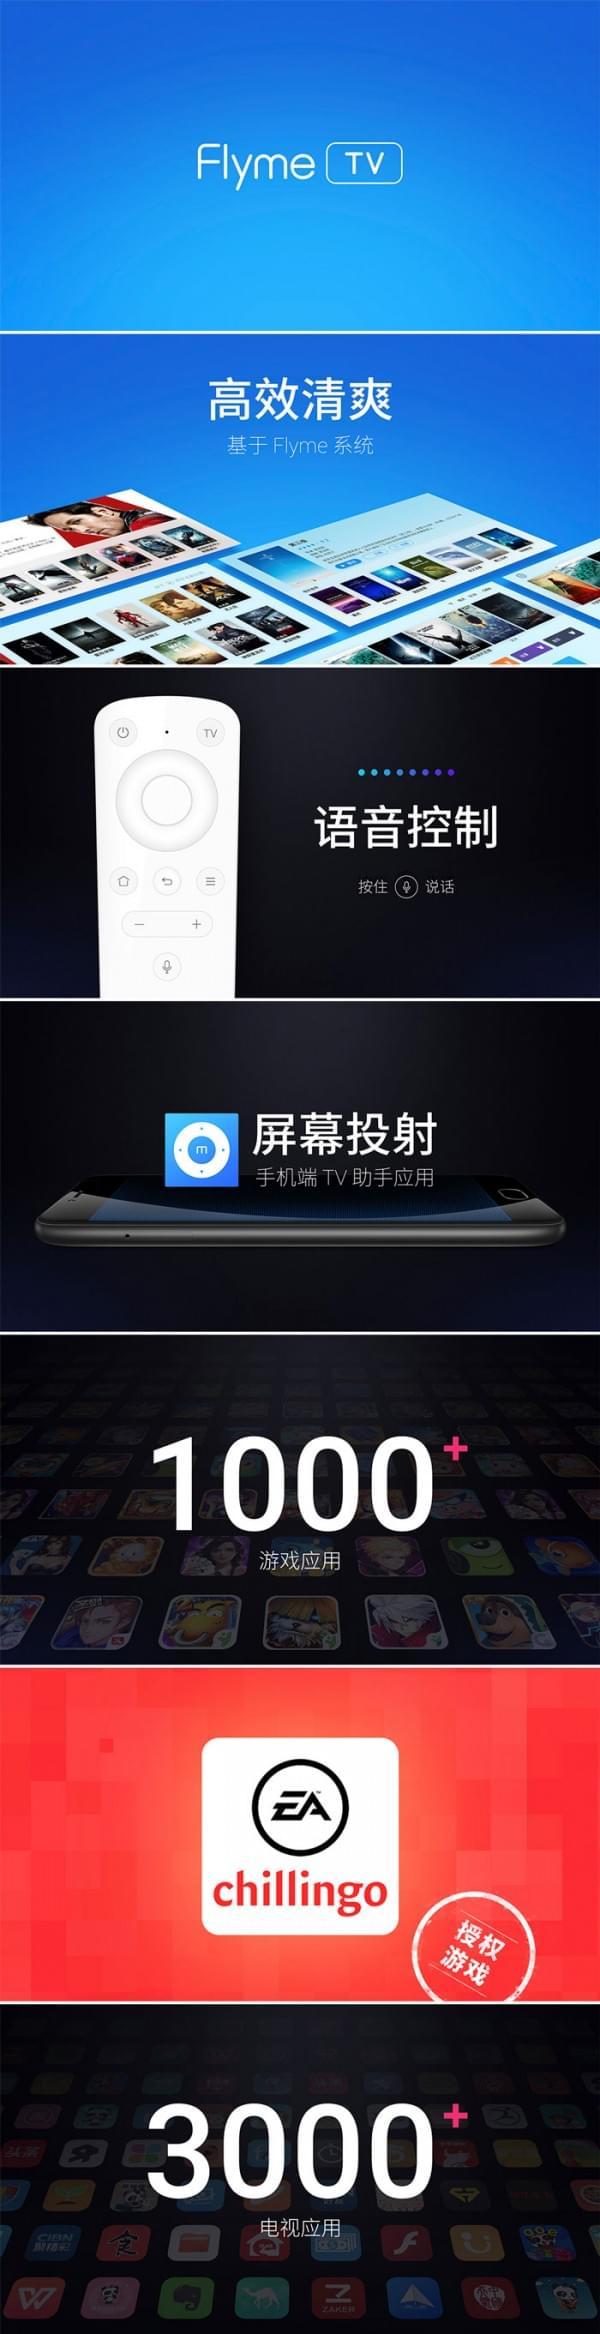 演唱会插播新品:魅族盒子与魅蓝5发布 售¥299/699起的照片 - 9